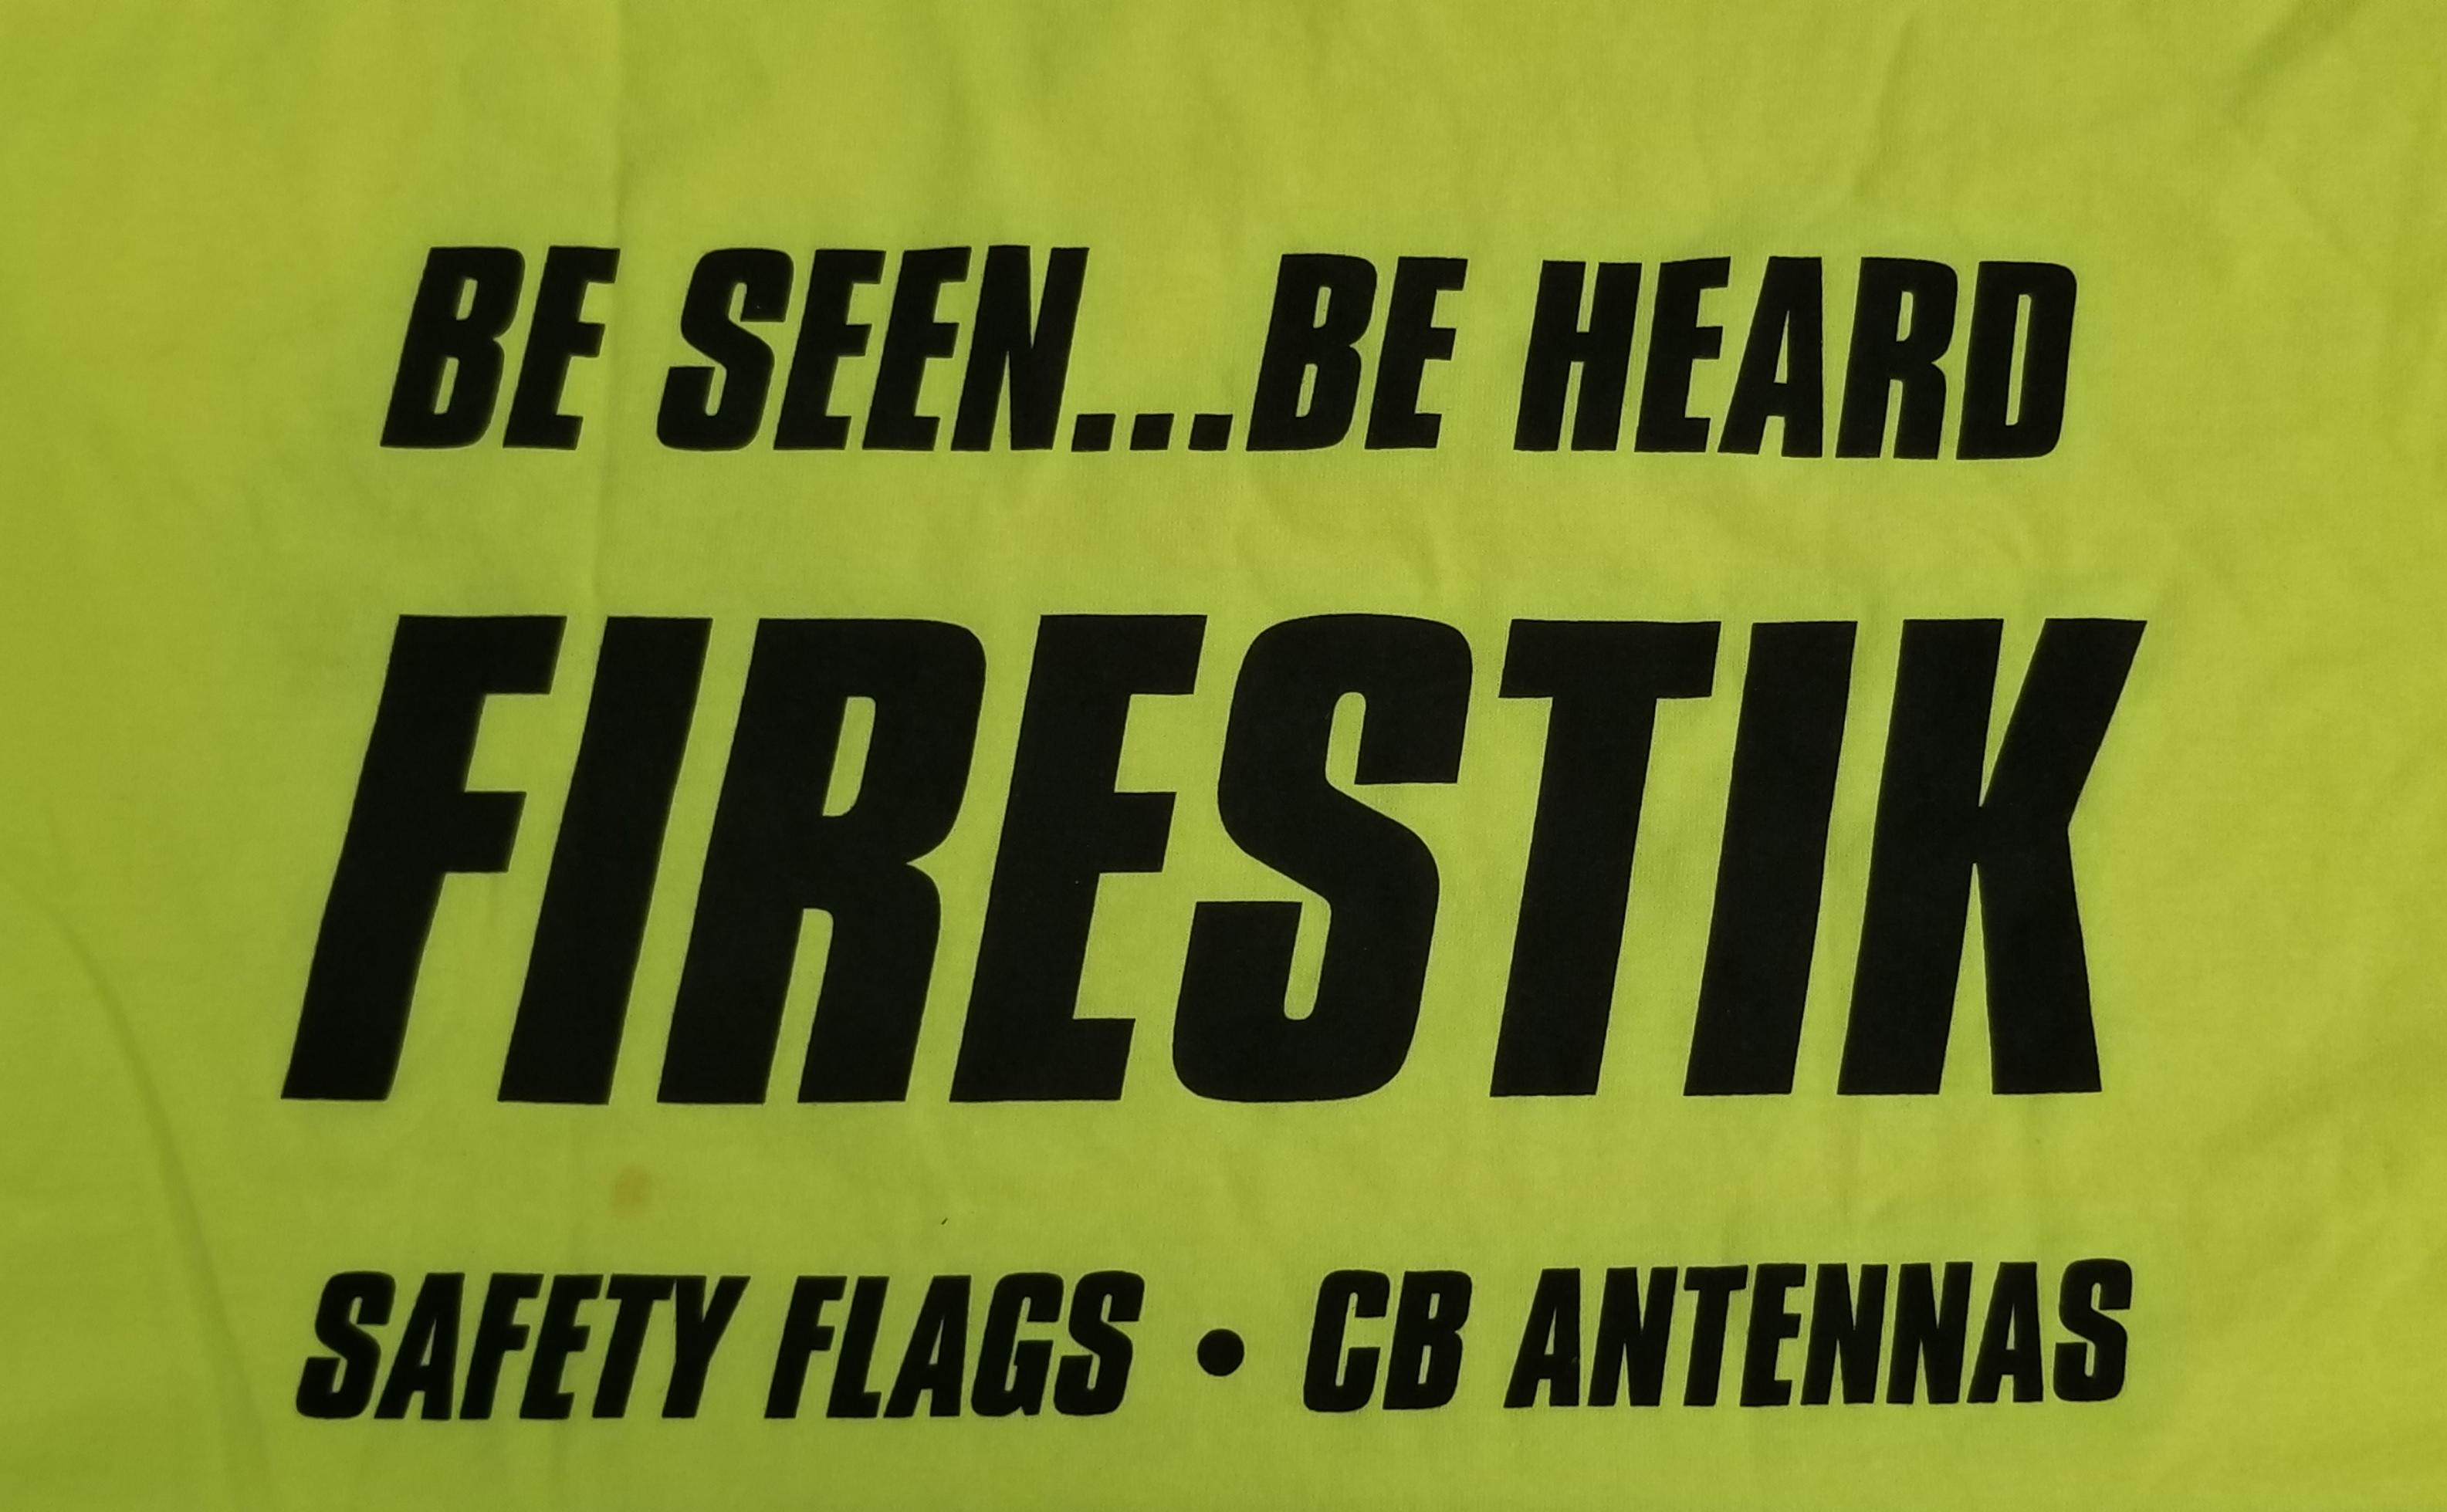 FIRESTIKTEE-M - Neon Firestik Tee Shirt (Medium)